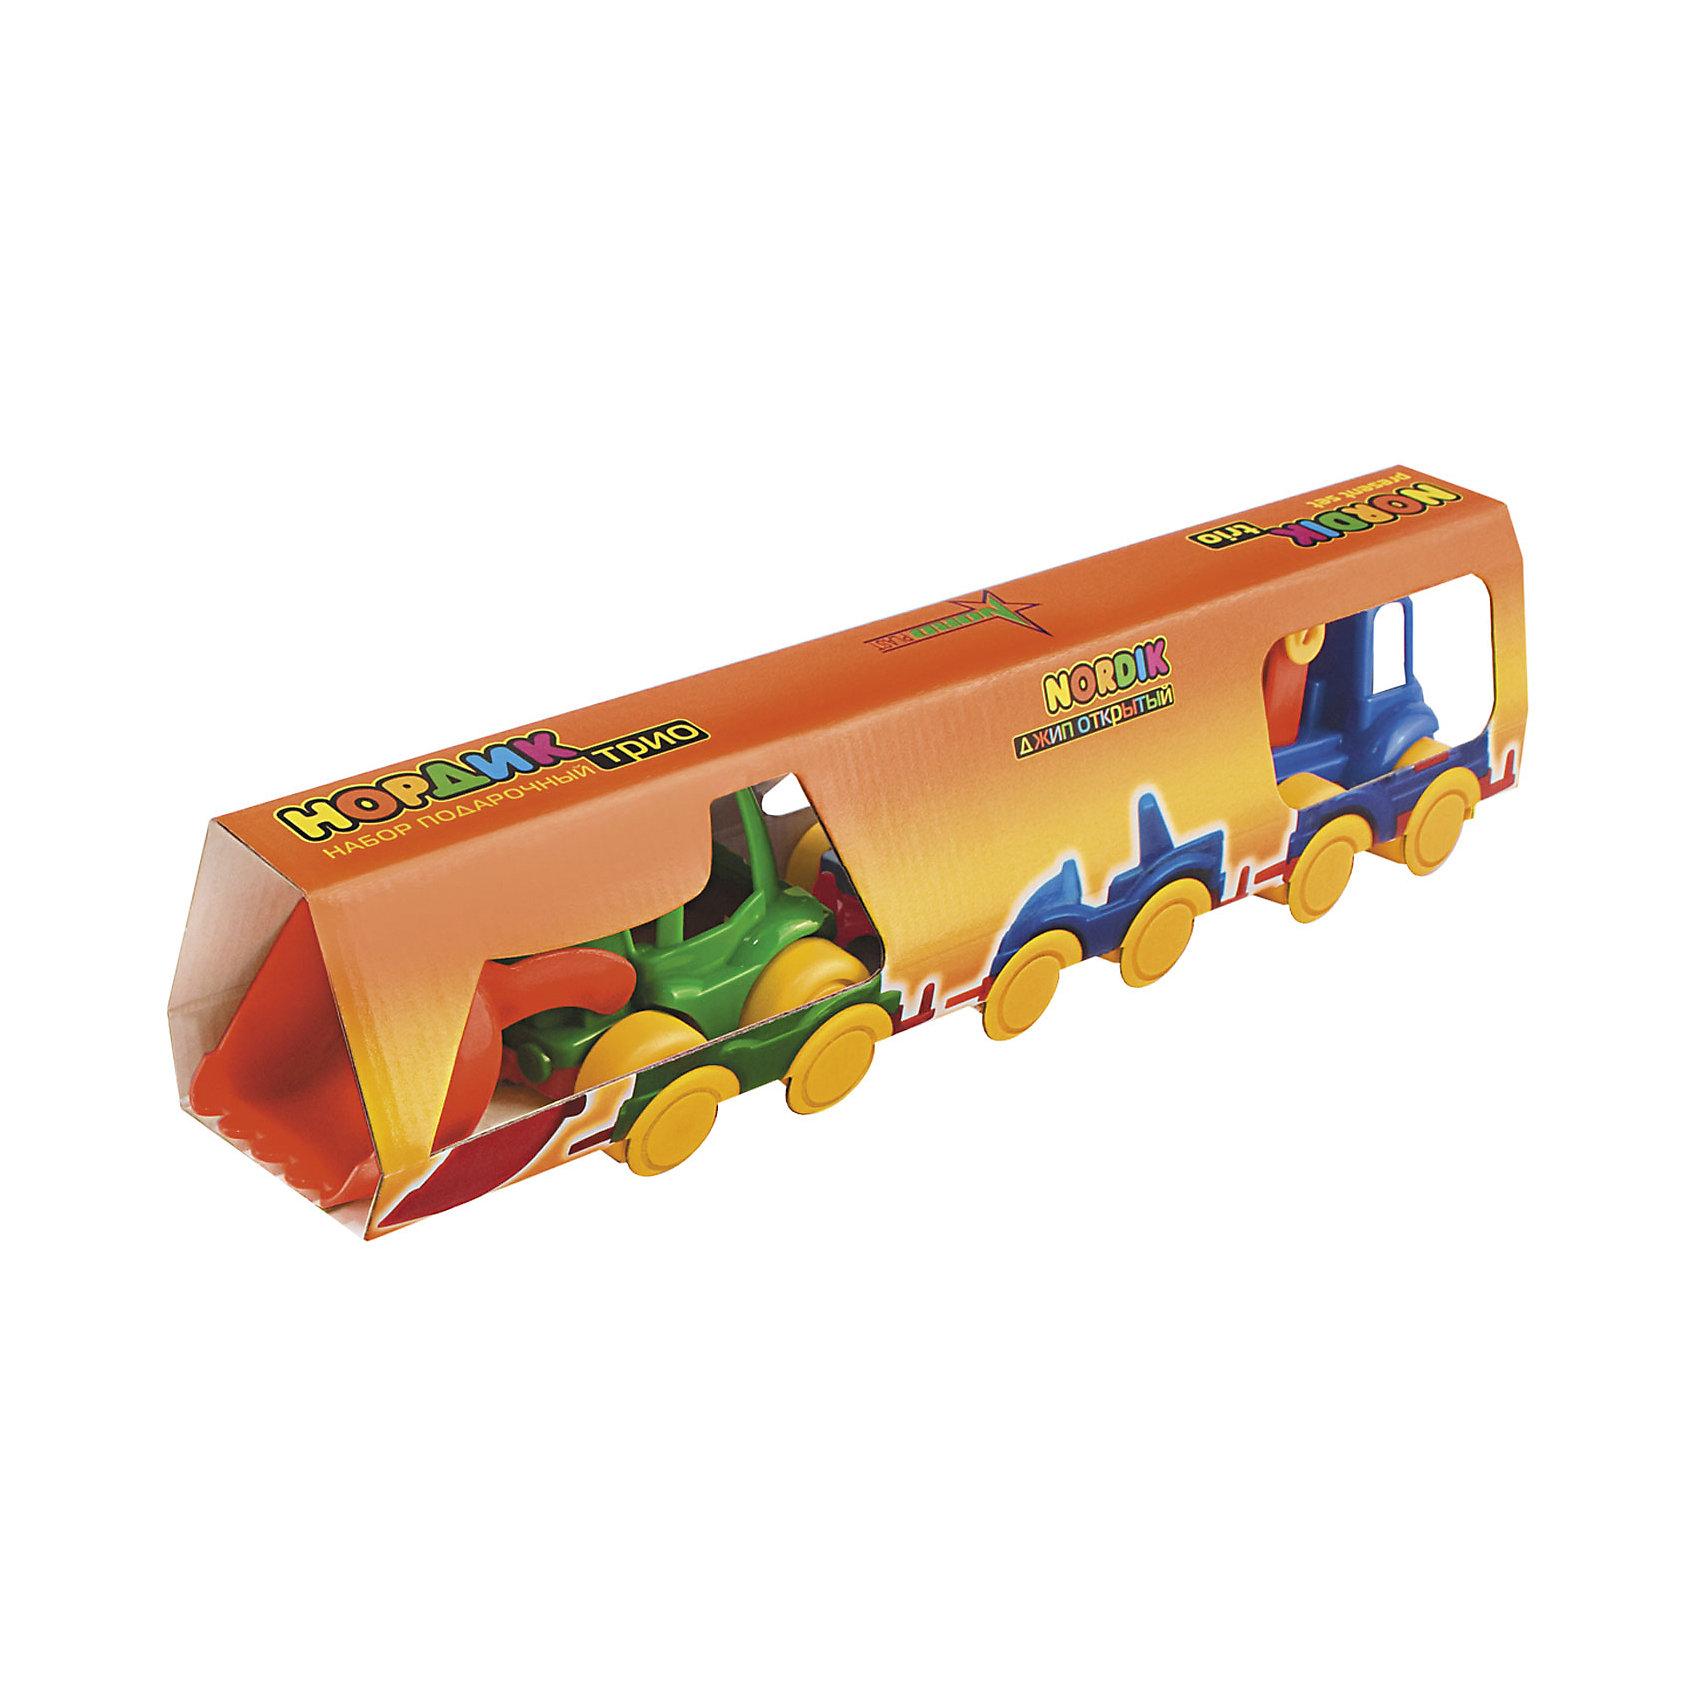 Набор Трио (Трактор, джип, пожарка), НордпластИграем в песочнице<br>Набор Трио (Трактор, джип, пожарка), Нордпласт – это яркие пластмассовые машины, которыми интересно будет играть вашему мальчику.<br>Набор игрушечных машинок Нордик Трио от компании Нордпласт включает в себя трактор, джип, пожарную машинку. Все игрушки яркой расцветки, что обязательно будет привлекать внимание ребенка. Крепления машинок «Нордик» легко совмещаются друг с другом и их можно свободно соединять с другими наборами из этой серии. У машинок надежная колесная база. С этим набором можно играть дома, на улице, и Вашему малышу некогда будет скучать. Игрушки изготовлены из высококачественной пищевой пластмассы, без трещин и заусениц, поэтому во время эксплуатации выдержат многие детские шалости. Они покрыты нетоксичной краской, не облупливающейся и не выгорающей на солнце. Товар соответствует требованиям стандарта для детских игрушек и имеет сертификат качества.<br><br>Дополнительная информация:<br><br>- В наборе: трактор, джип, пожарная машинка<br>- Материал: высококачественная пластмасса<br>- Размер упаковки: 9х7х38 см.<br>- Вес: 210 гр.<br><br>Набор Трио (Трактор, джип, пожарка), Нордпласт можно купить в нашем интернет-магазине.<br><br>Ширина мм: 380<br>Глубина мм: 70<br>Высота мм: 90<br>Вес г: 210<br>Возраст от месяцев: 36<br>Возраст до месяцев: 72<br>Пол: Мужской<br>Возраст: Детский<br>SKU: 4112736